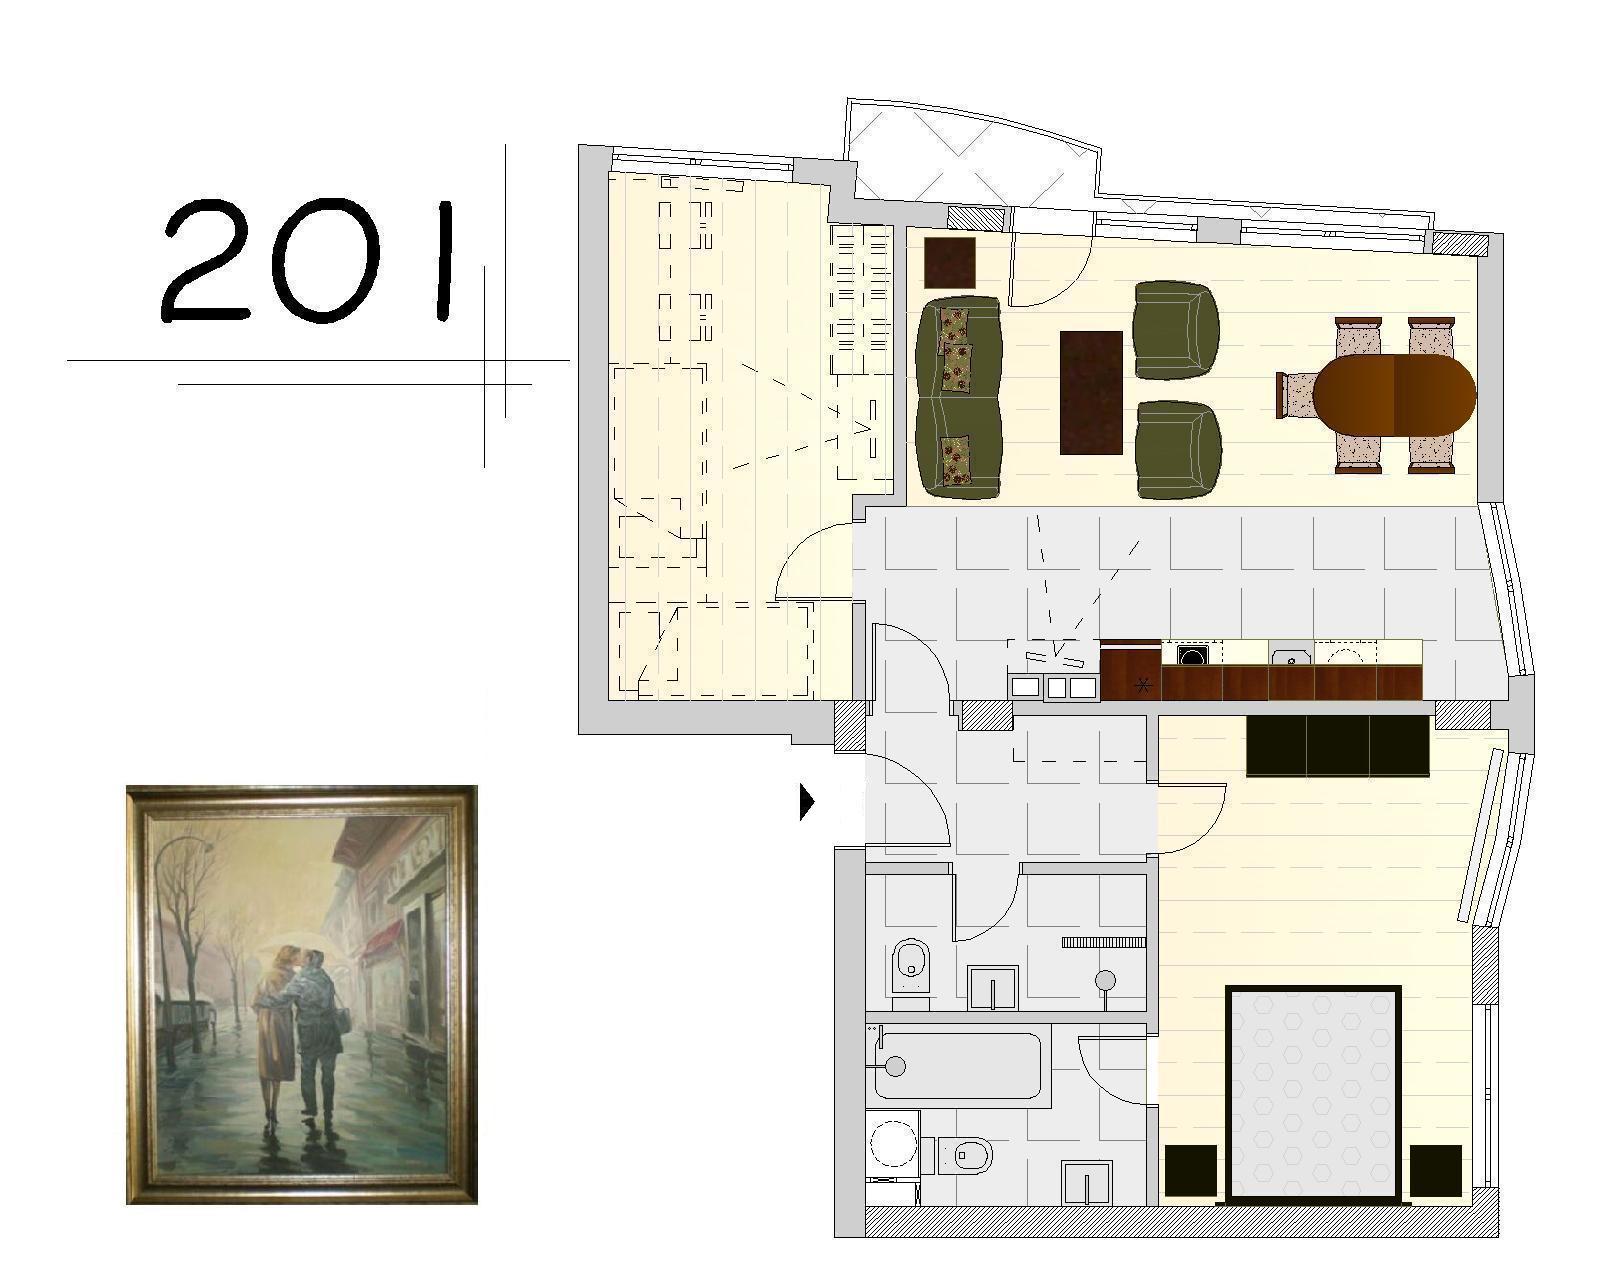 Апартамент 201